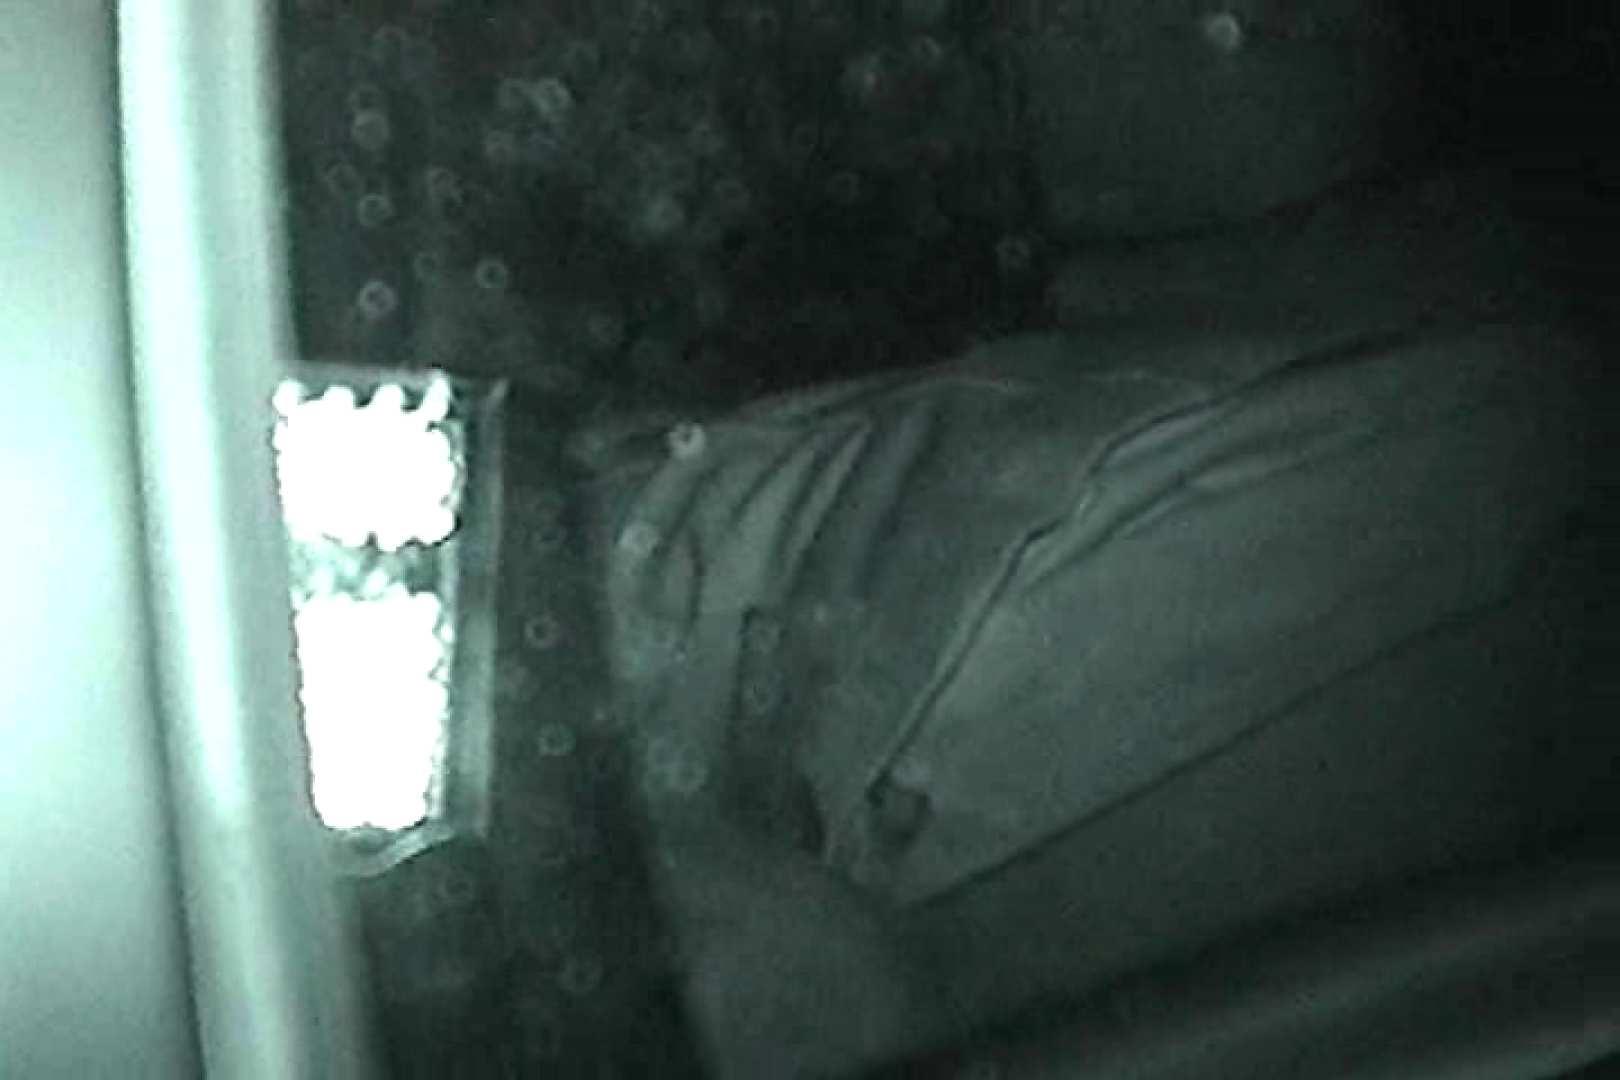 充血監督の深夜の運動会Vol.13 OLエロ画像  31PICs 8